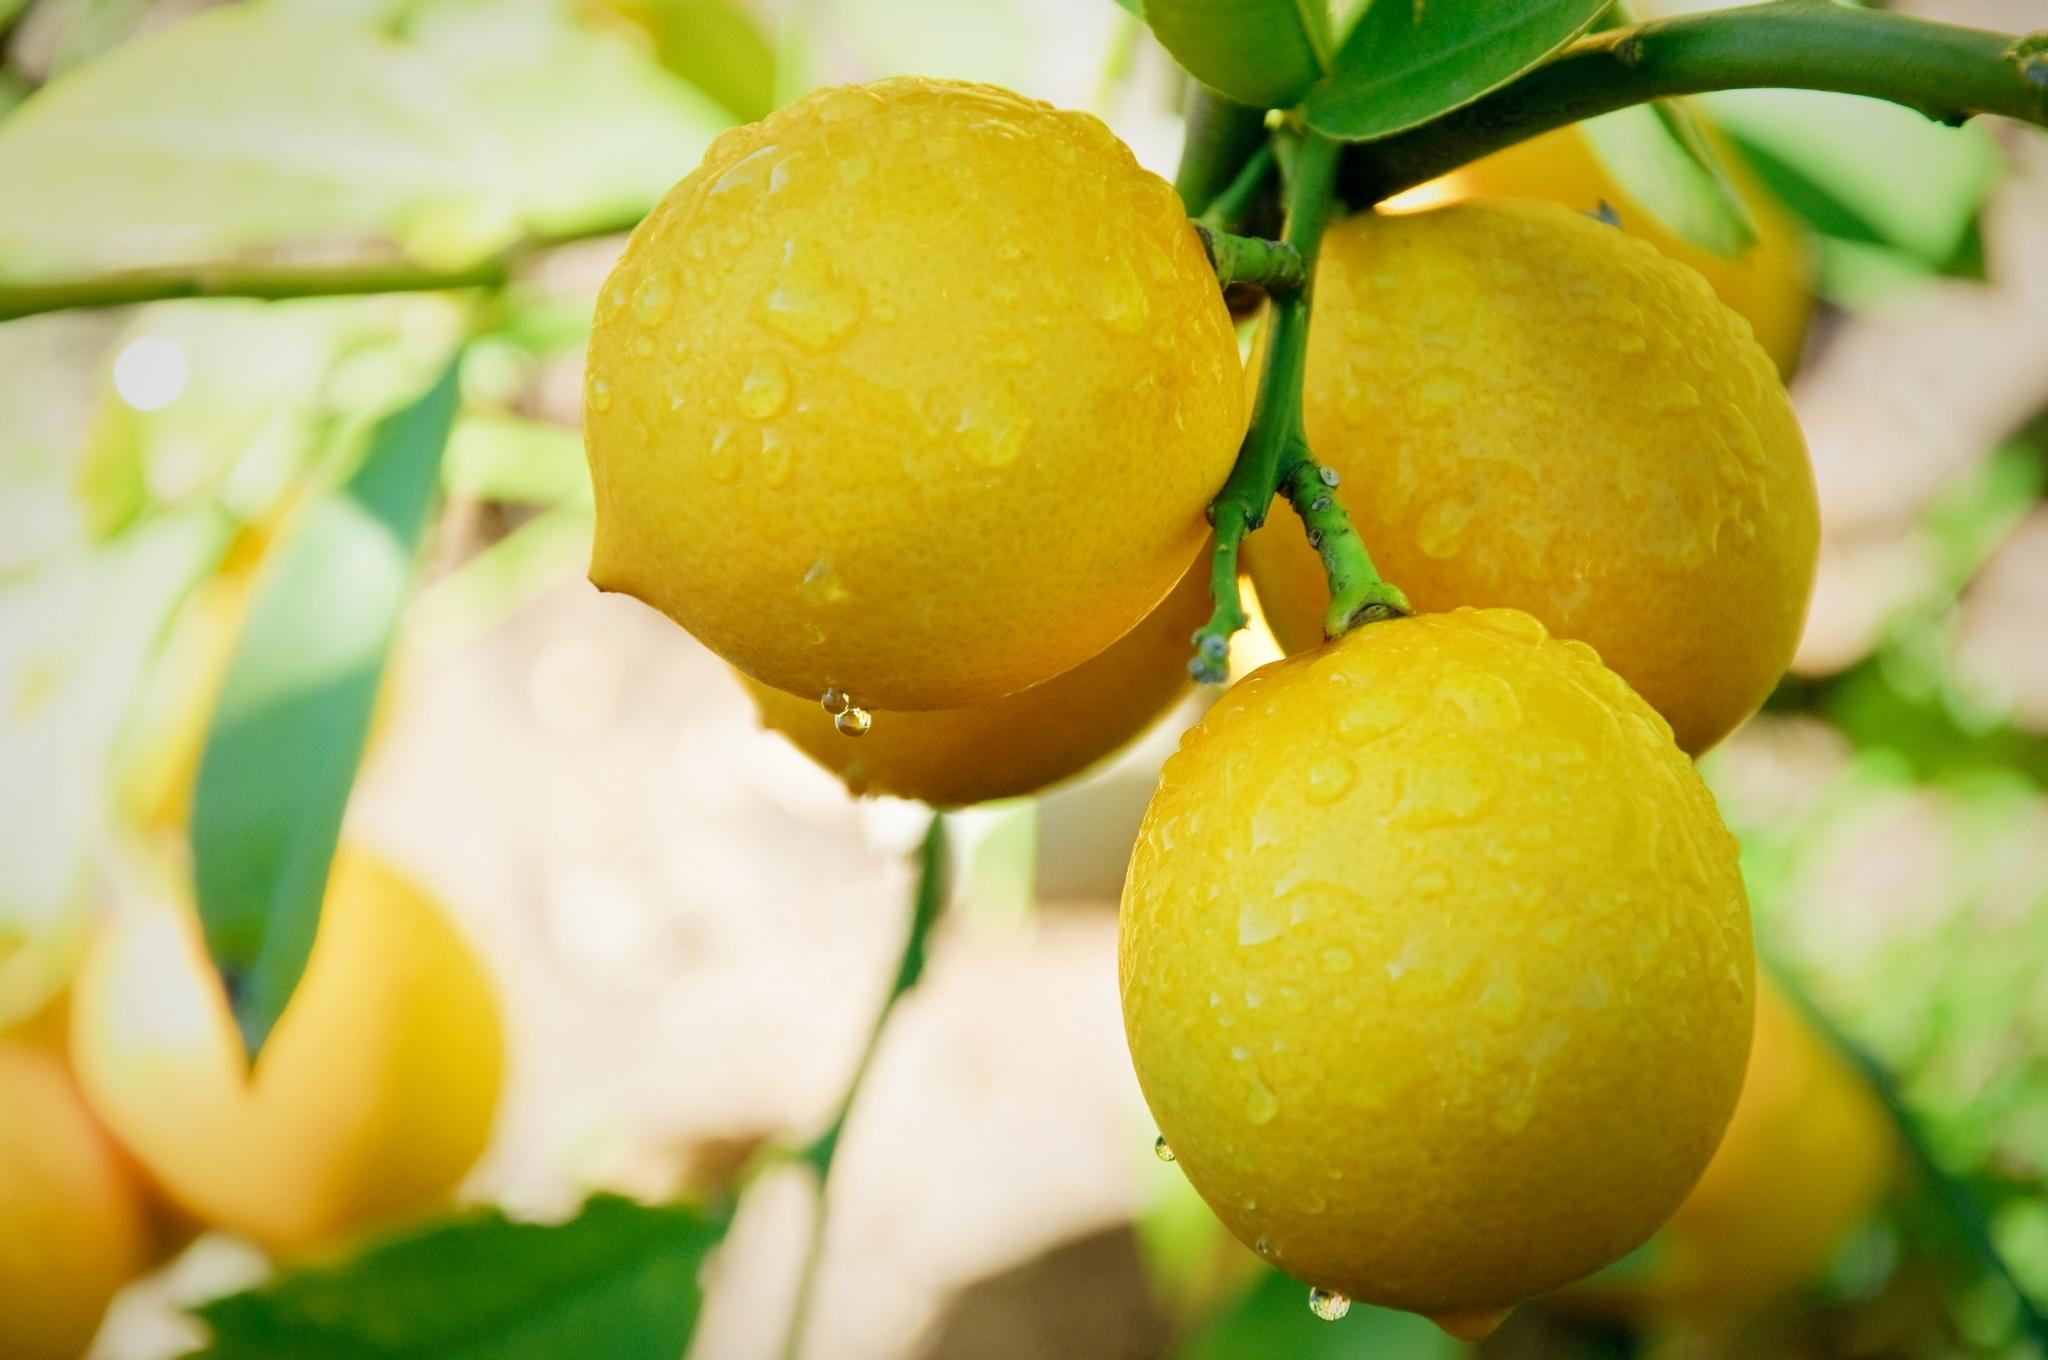 Лимоны обои на рабочий стол 1920х1080